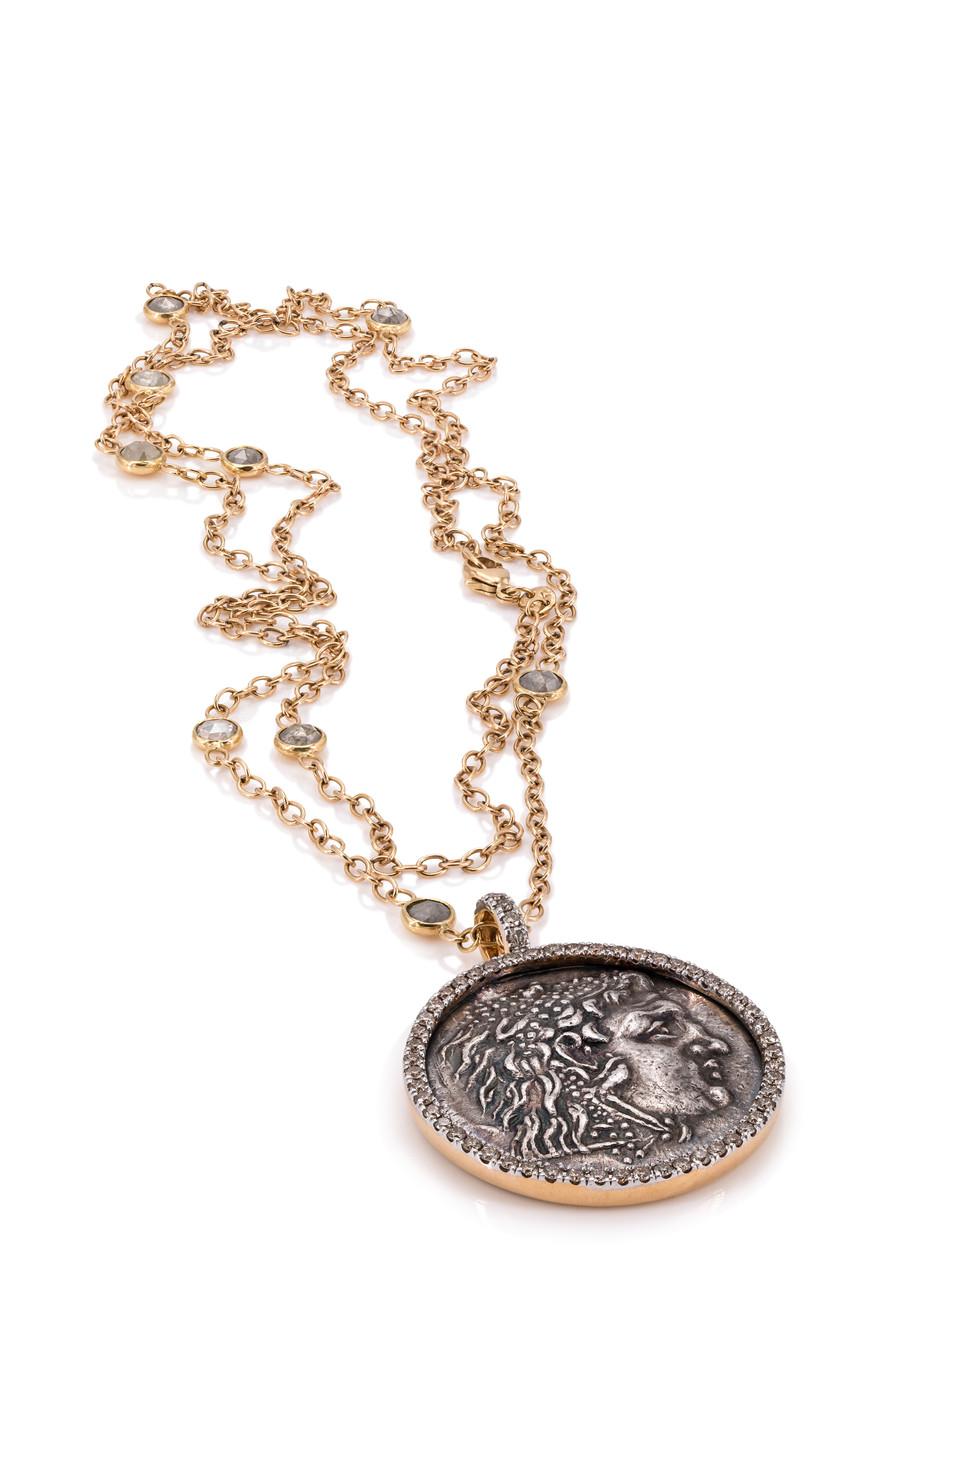 750 ROSÉGOLD ANHÄNGER HERAKLES | ZEUS  60 brillanten 1,23ct c2 antike griechische münze geprägt unter alexander III tetradrachme ca. 350 v-Chr.    Zeus ist das Oberhaupt der olympischen Götter und damit mächtiger als alle anderen griechischen Götter zusammen. Herakles ist sein Sohn, auch unter dem Namen Herkules bekannt für seine Stärke. Die Abbildung zeigt ihn mit dem Fell des Nemeischen Löwens, den er besiegt hat. Dieses Fell macht ihn nahezu unverwundbar.